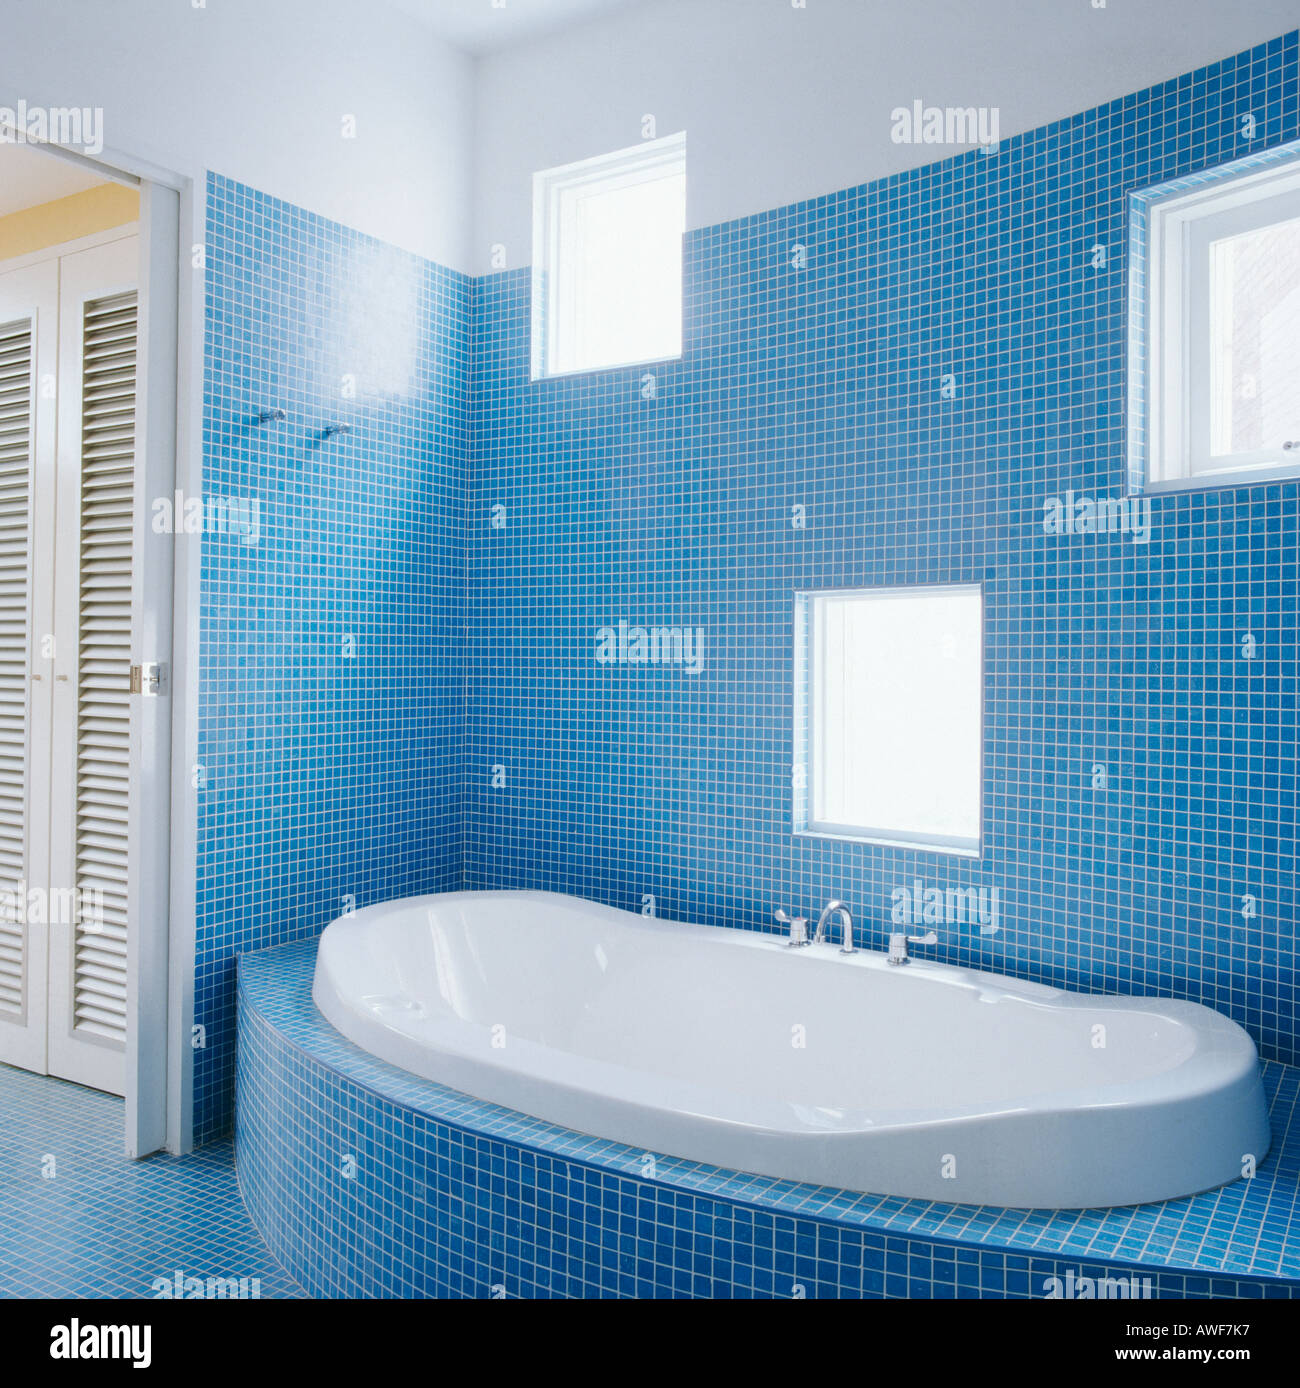 Bathrooms Interiors Modern Town Stock Photos & Bathrooms Interiors ...